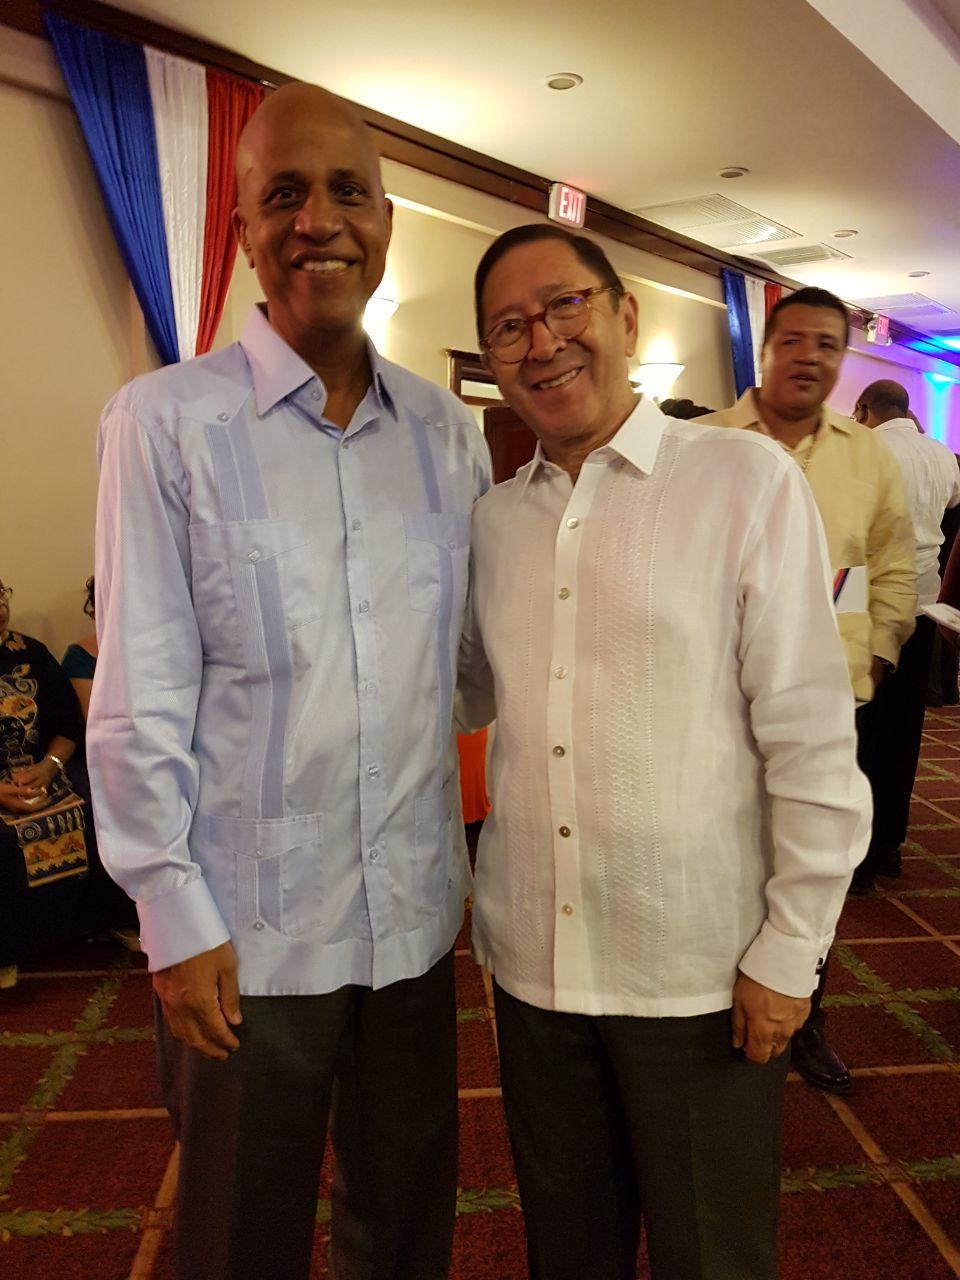 Embajador de Colombia en El Salvador, concurrente para Belice, visitó ese país con motivo de los actos conmemorativos de la Independencia